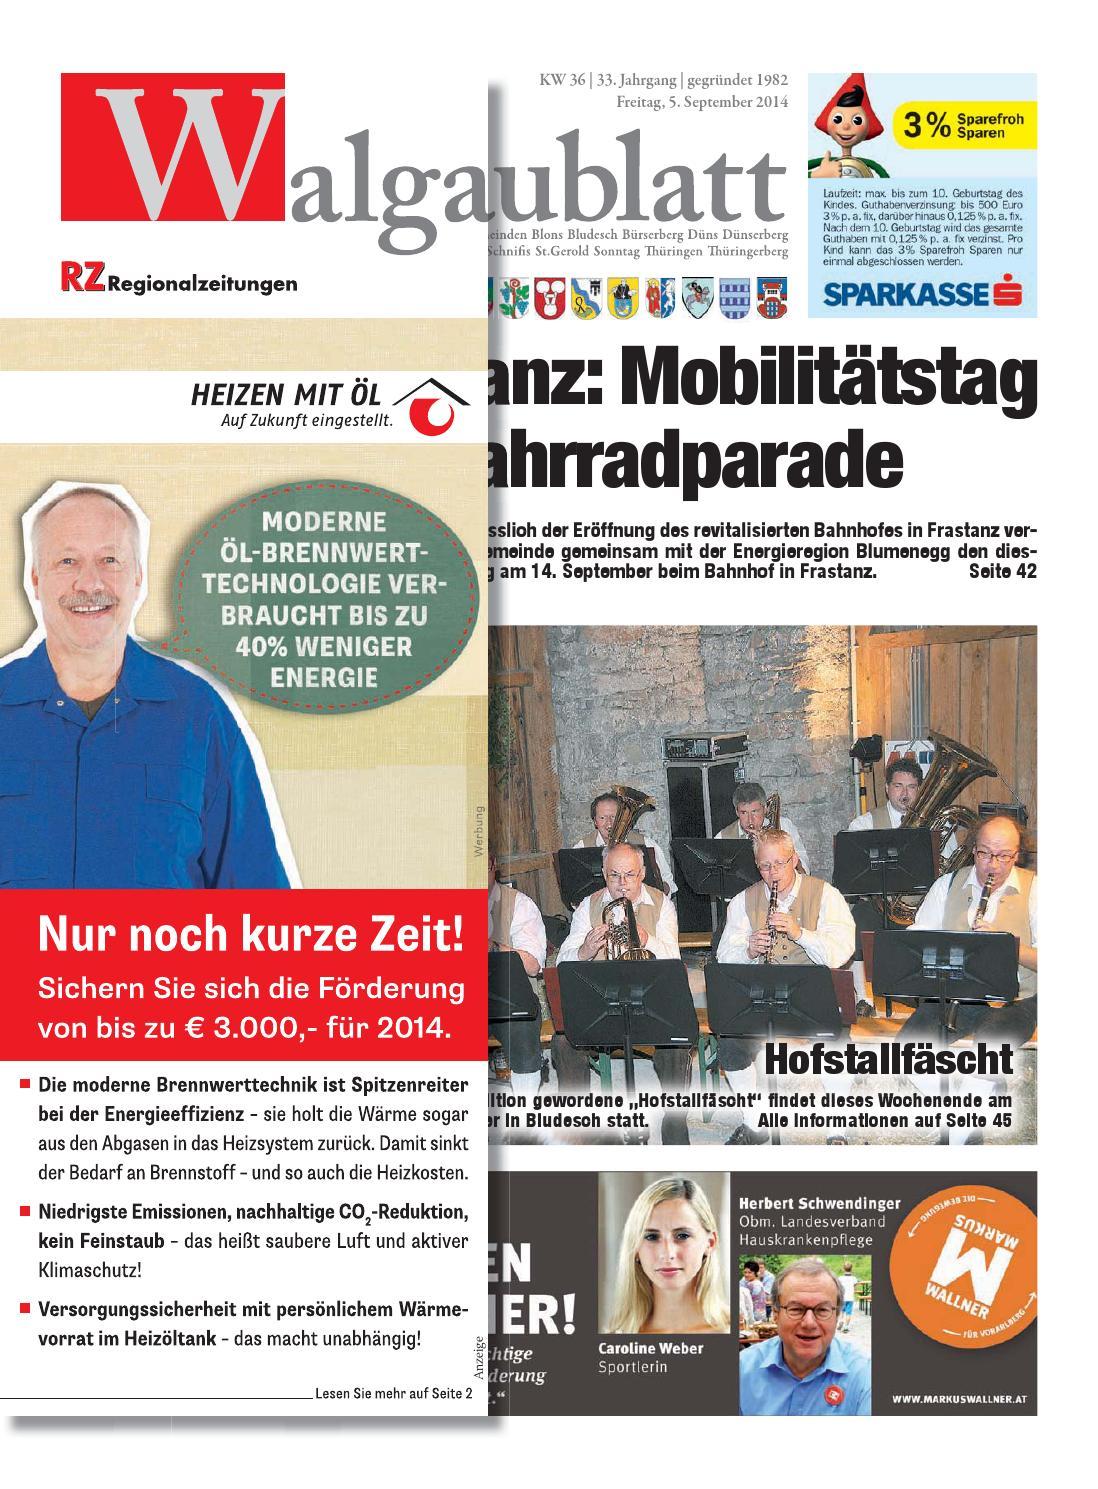 Meine stadt bekanntschaften allhartsberg - Singletreffen aus